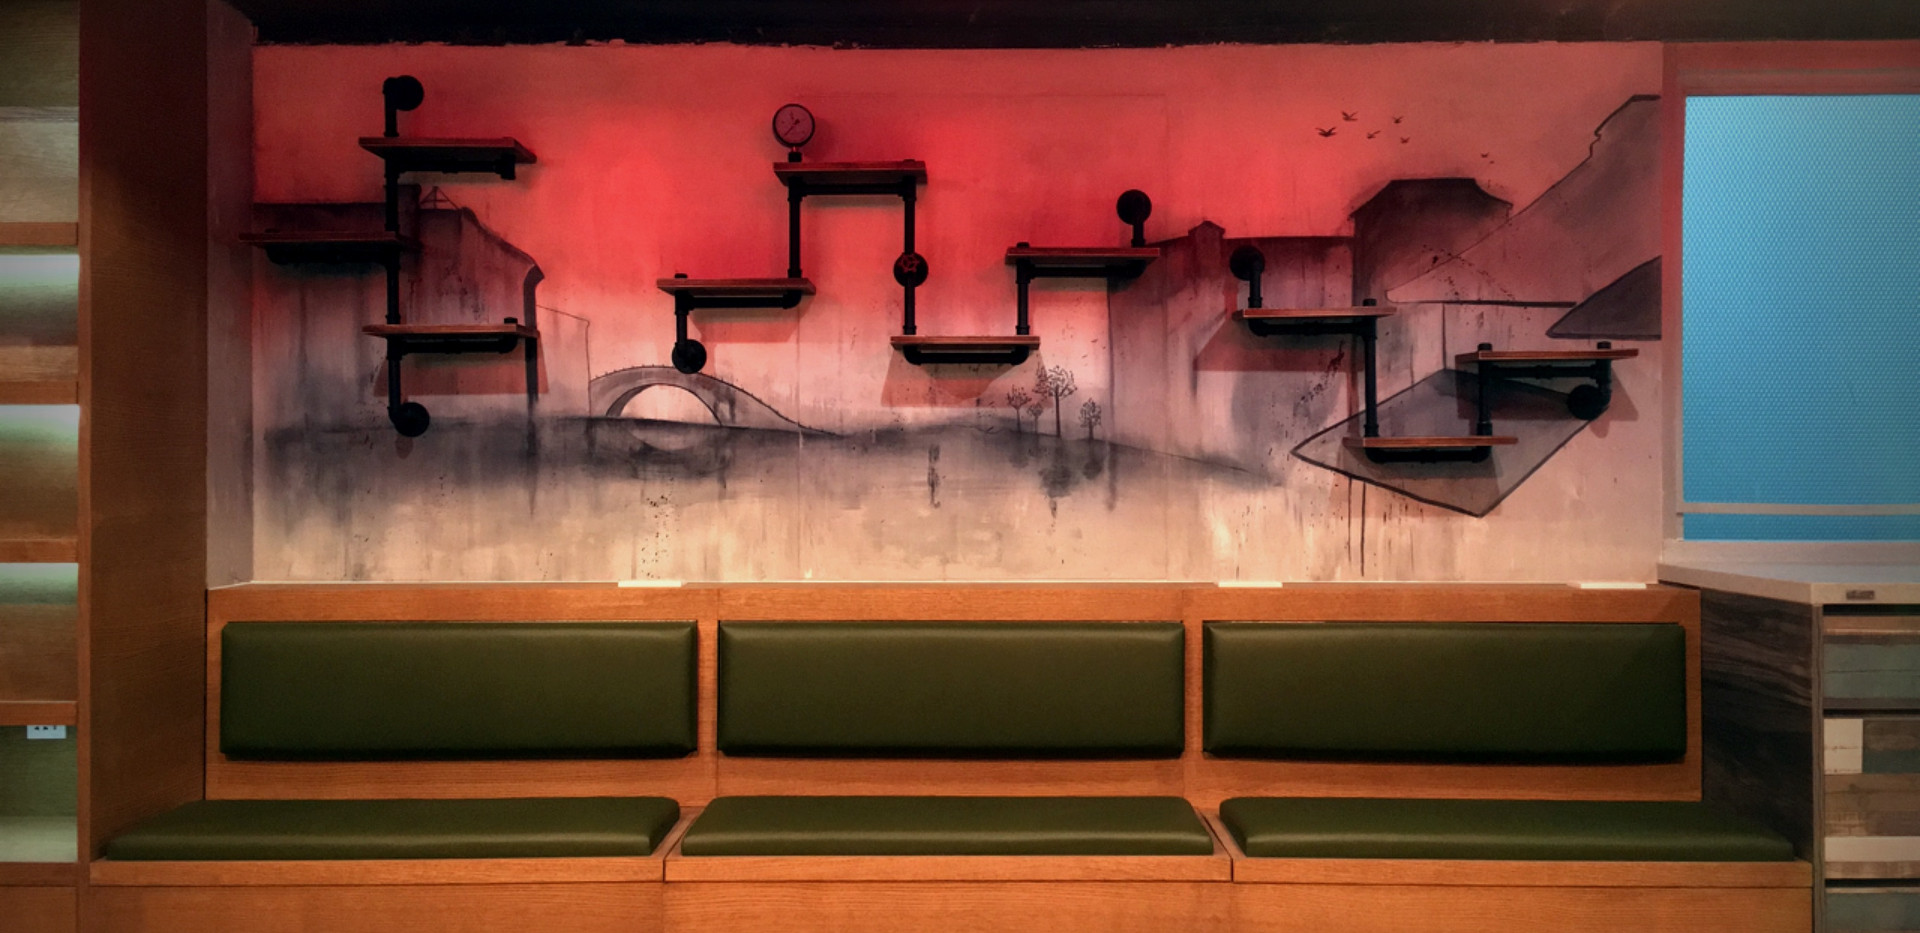 壁畫與室內設計結合1.jpg